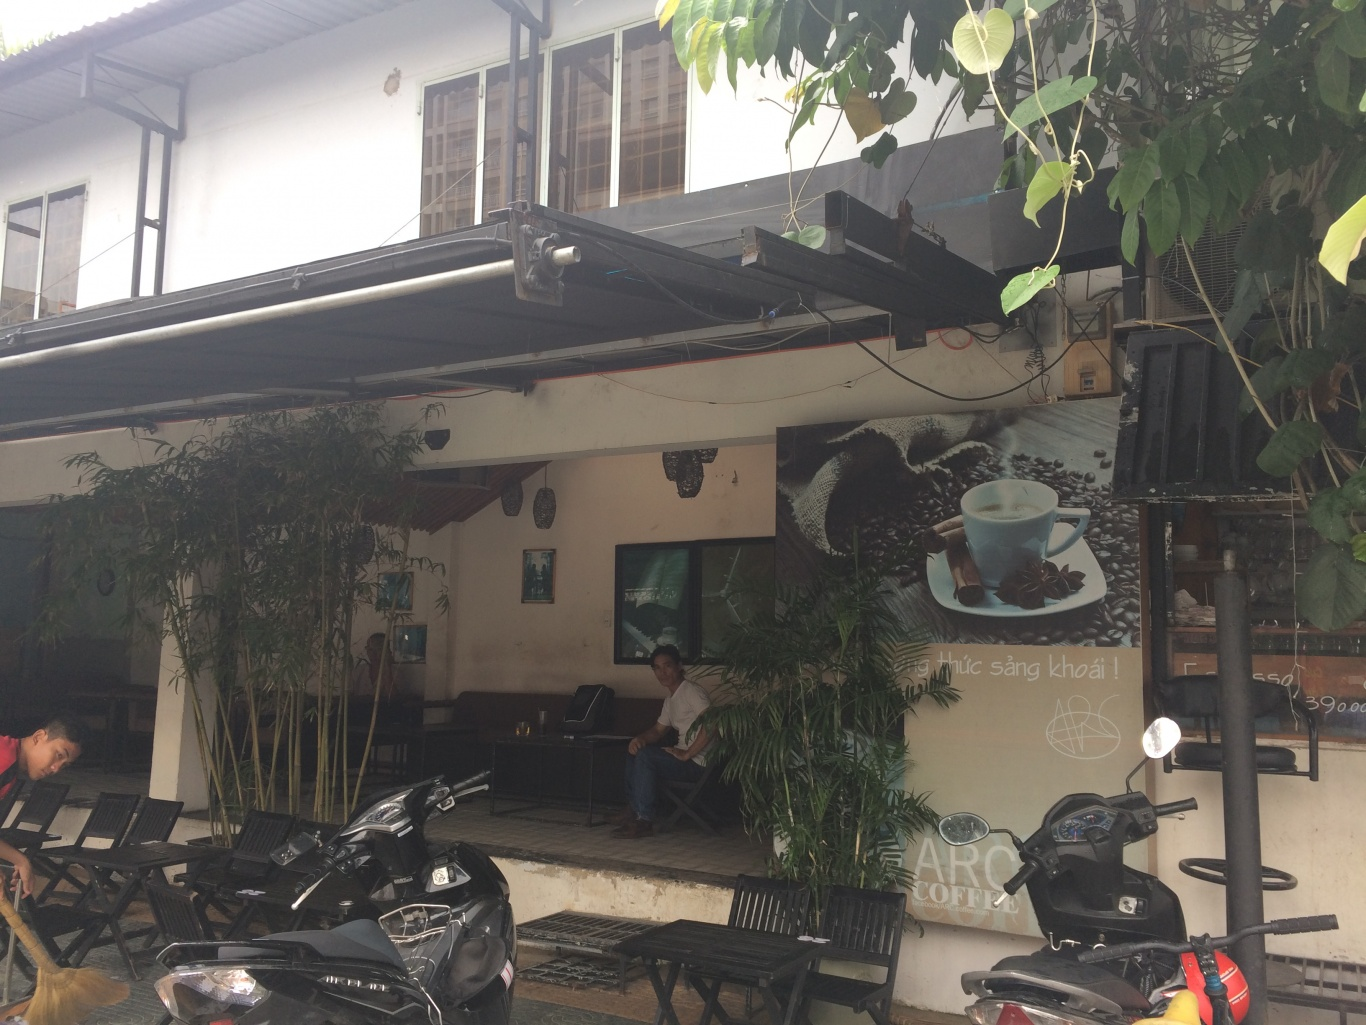 không gian bên trong quán cafe arc coffe